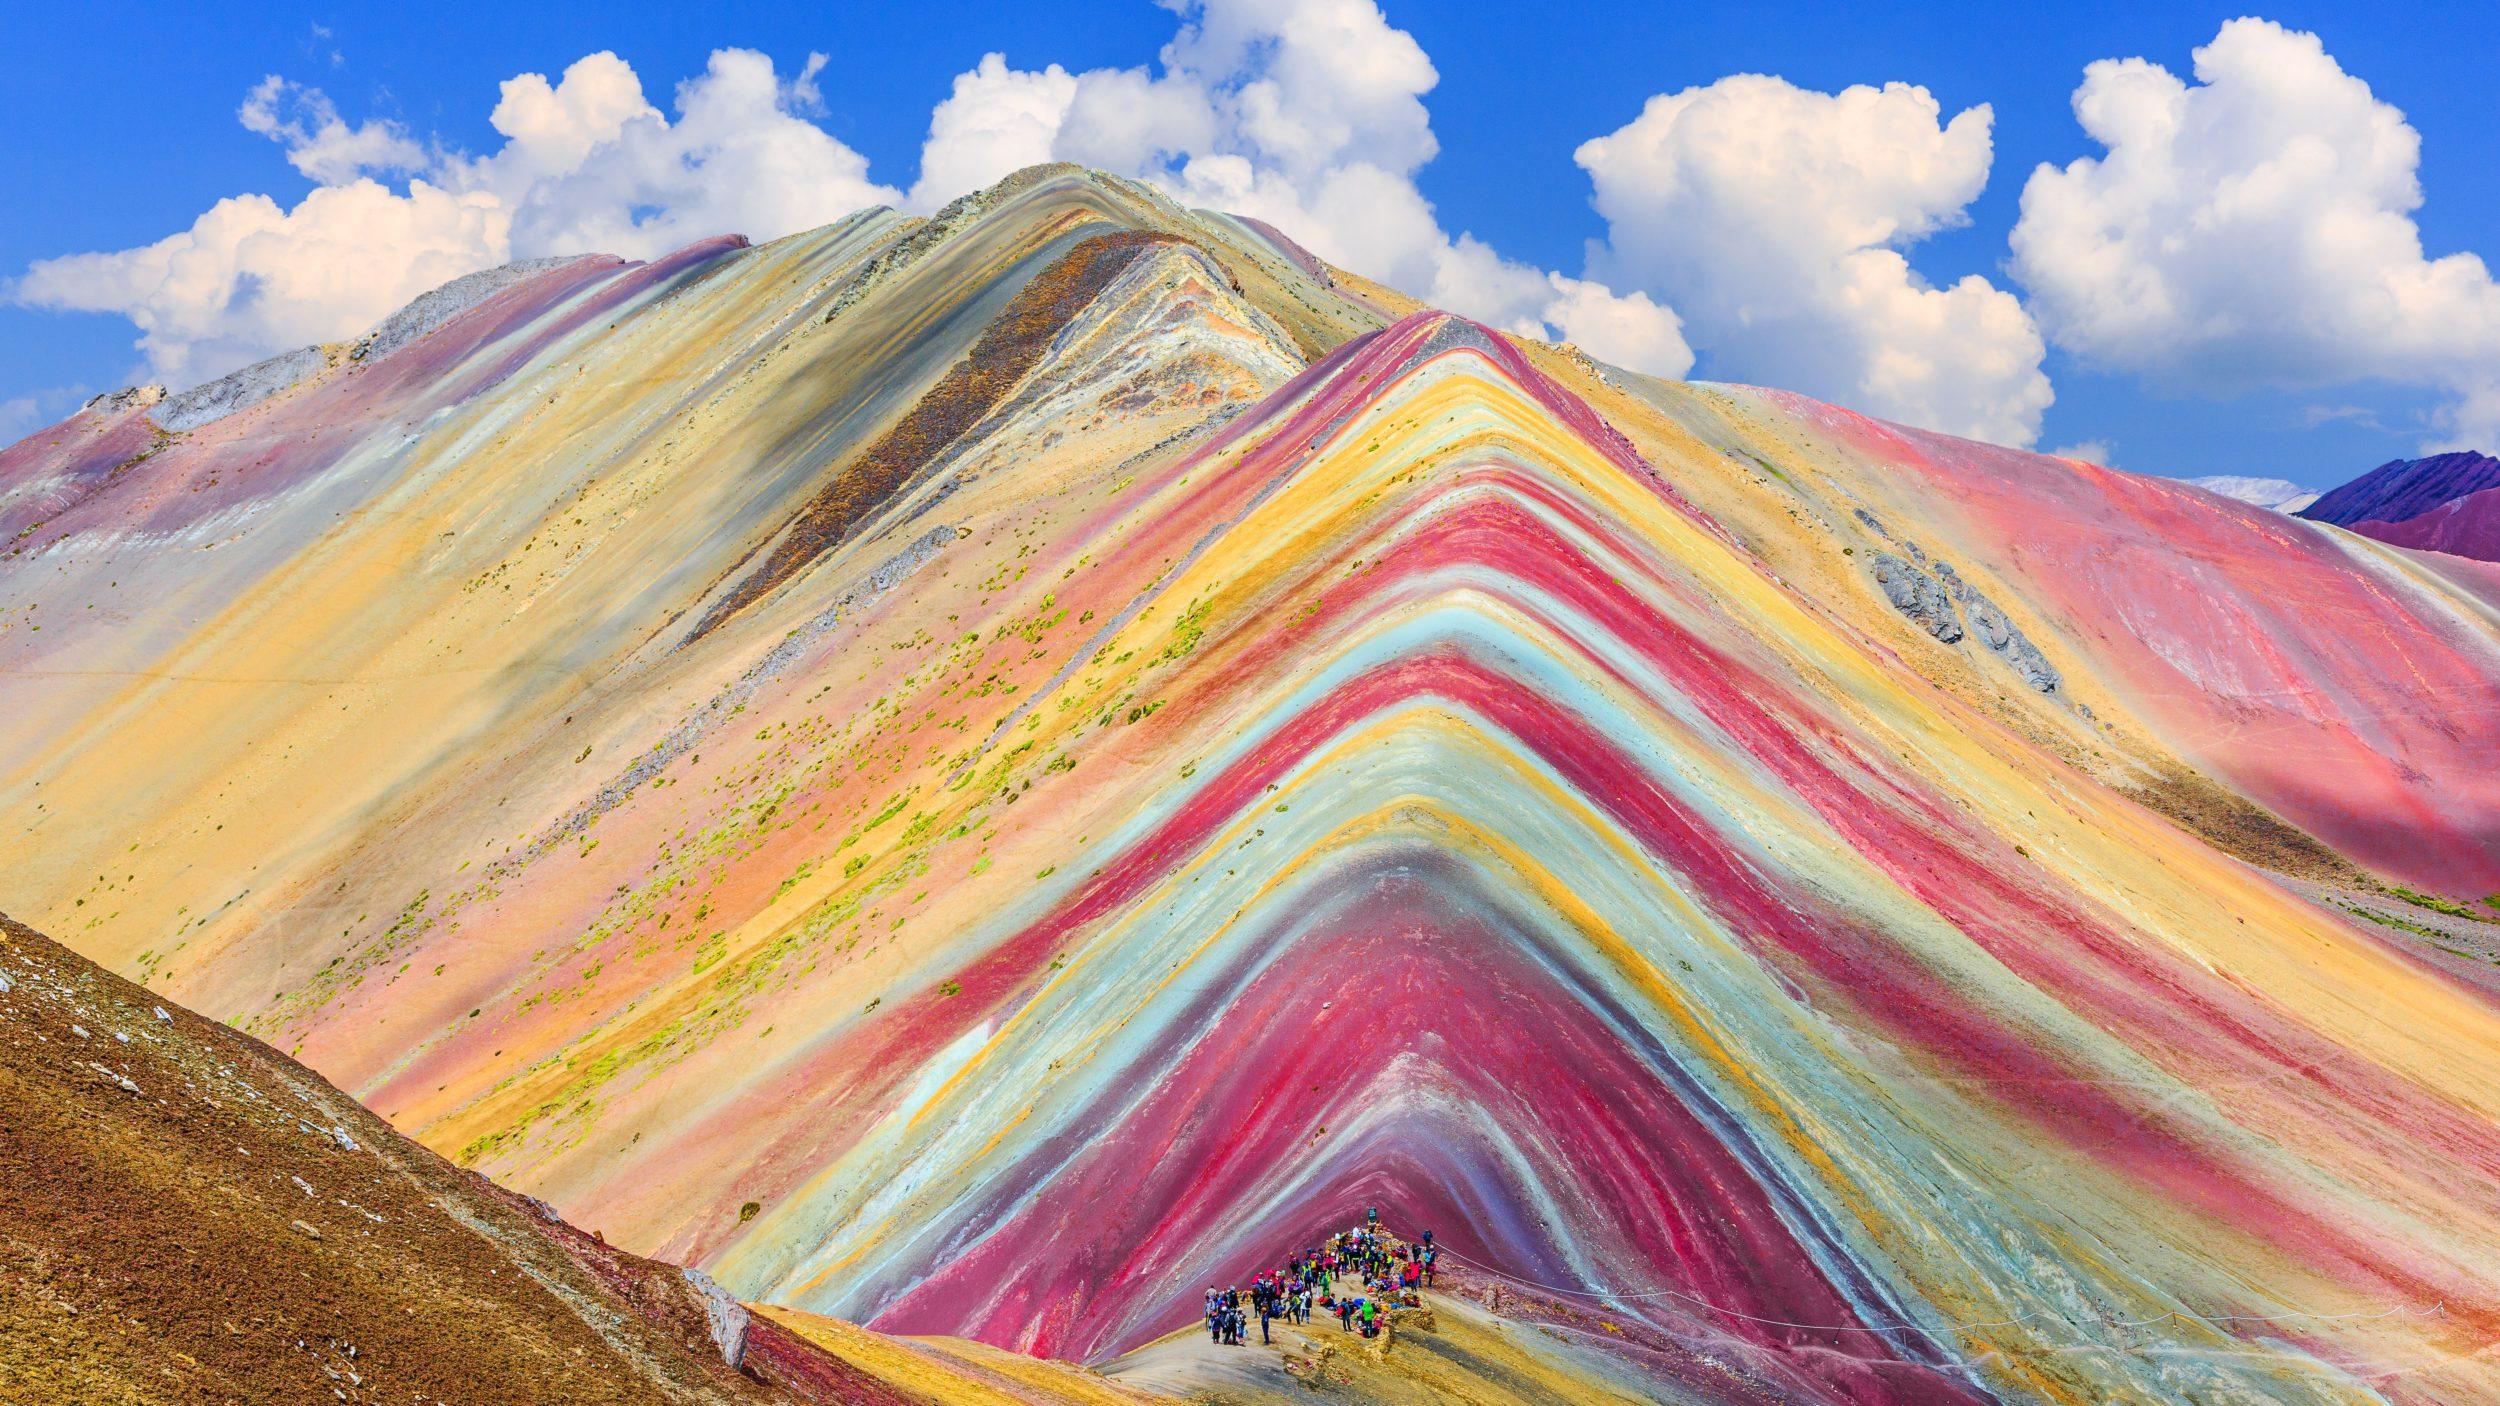 Peru [Shutterstock]